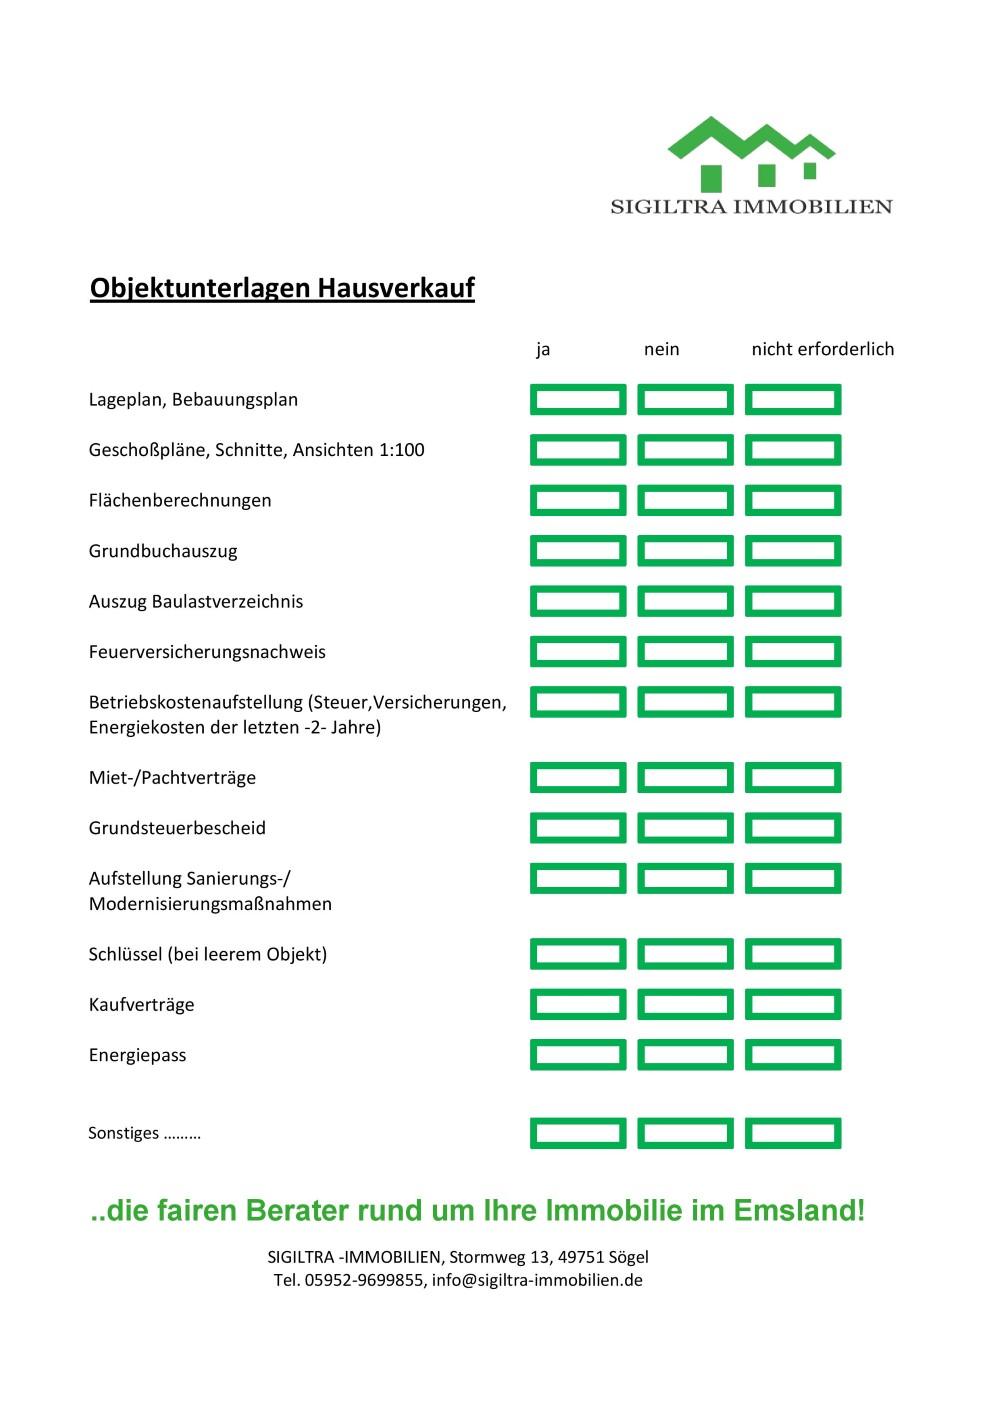 Objektunterlagen Hausverkauf-page-001 (Andere)